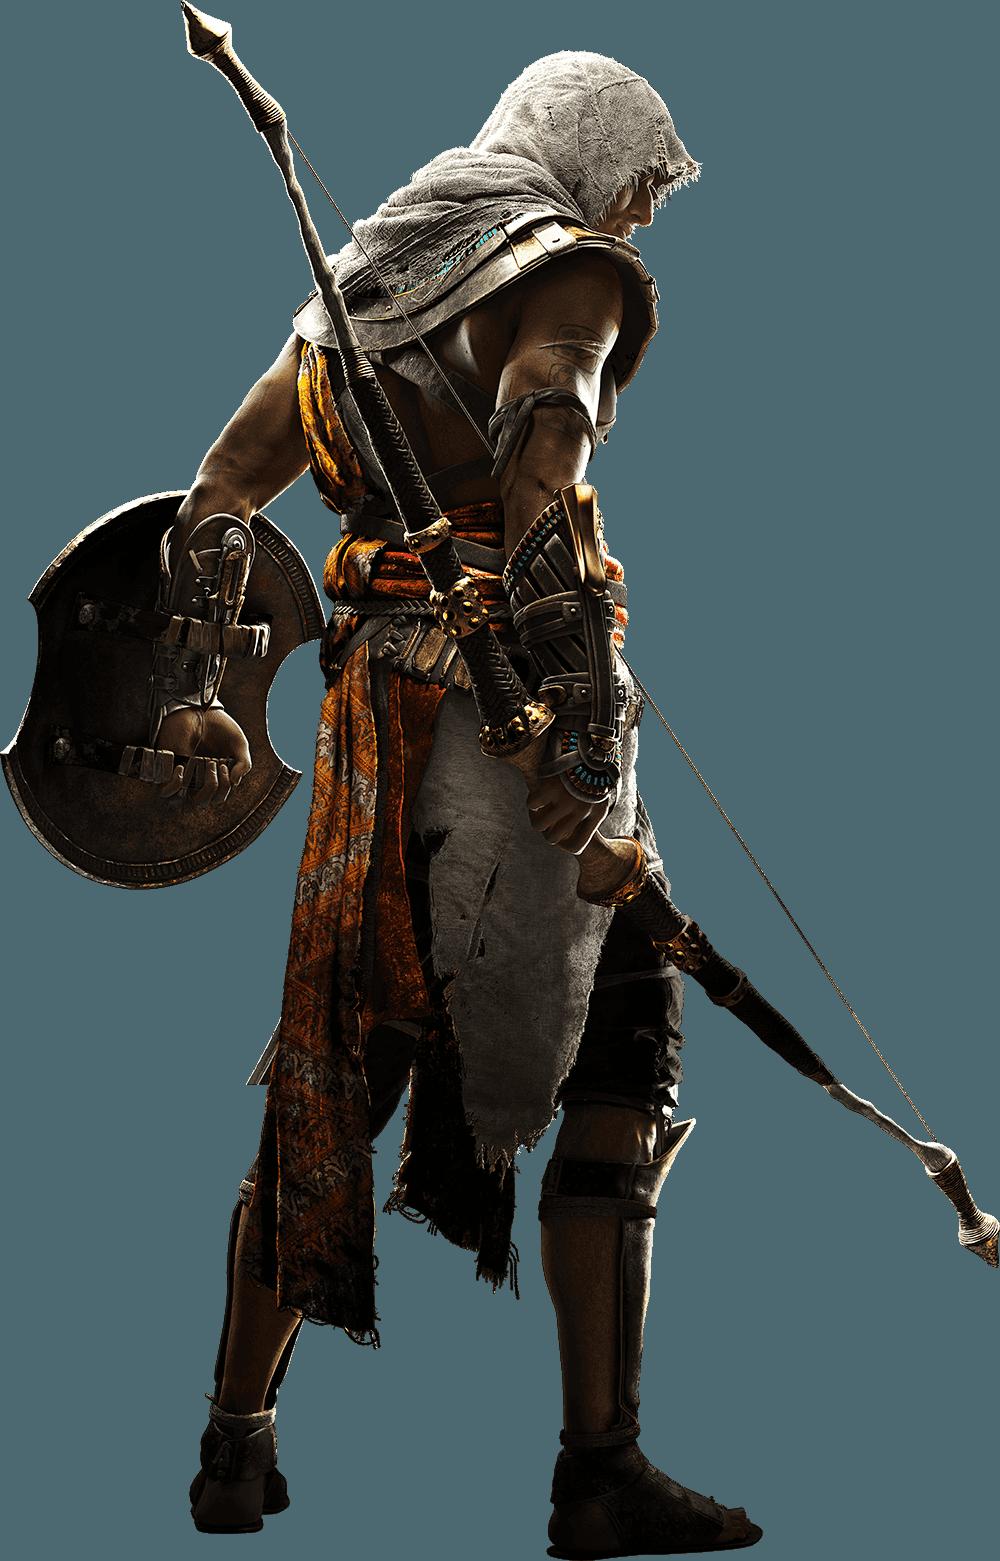 Assassins Creed Origins Bayek Render Png Par Prussiapoland Assassins Creed Art Assassins Creed Artwork Assassins Creed Origins